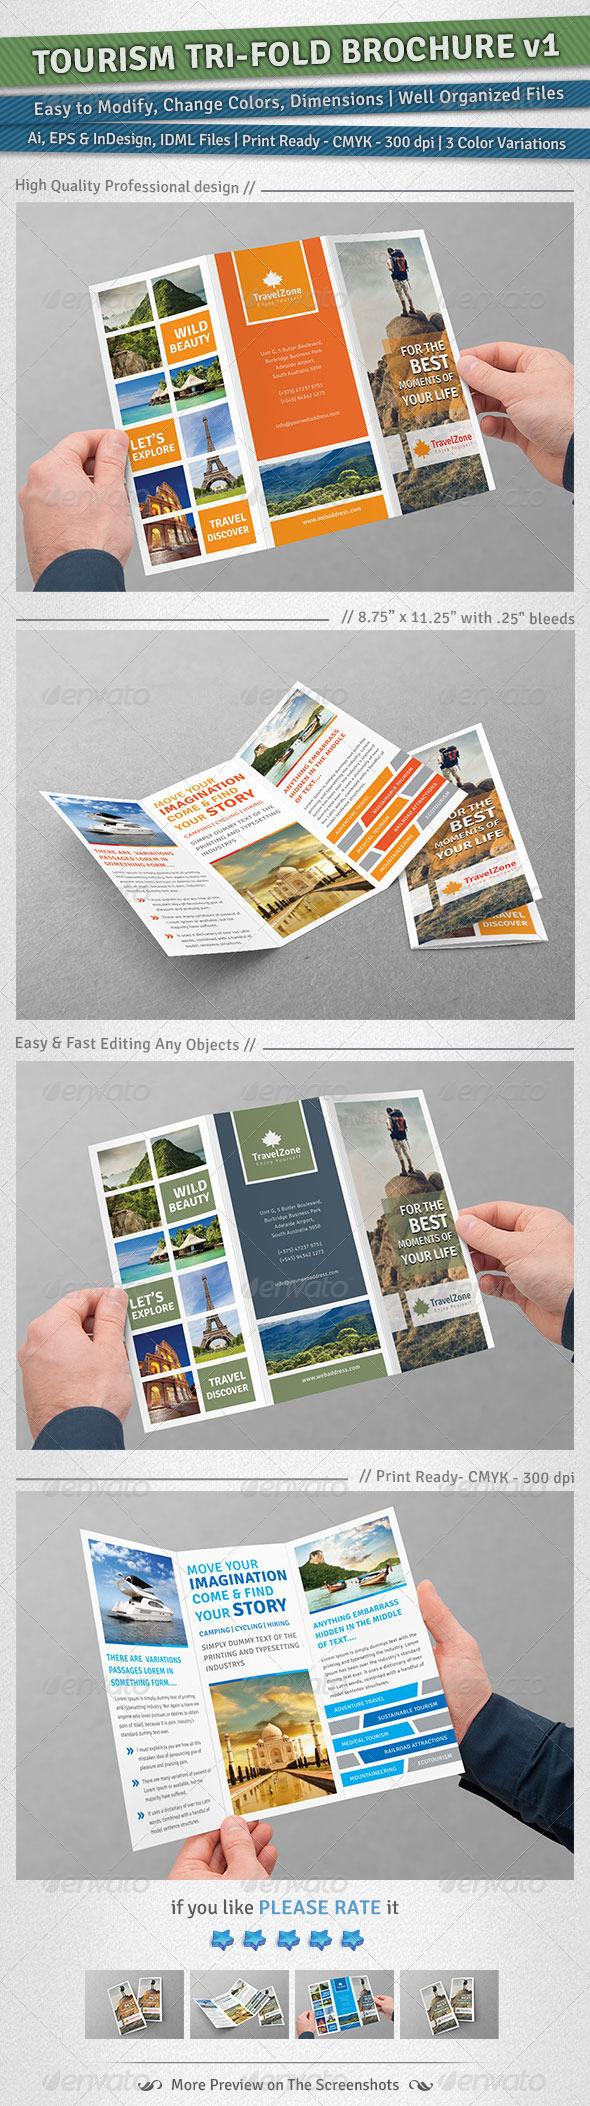 GraphicRiver Tourism Tri-Fold Brochure Volume 1 4923689